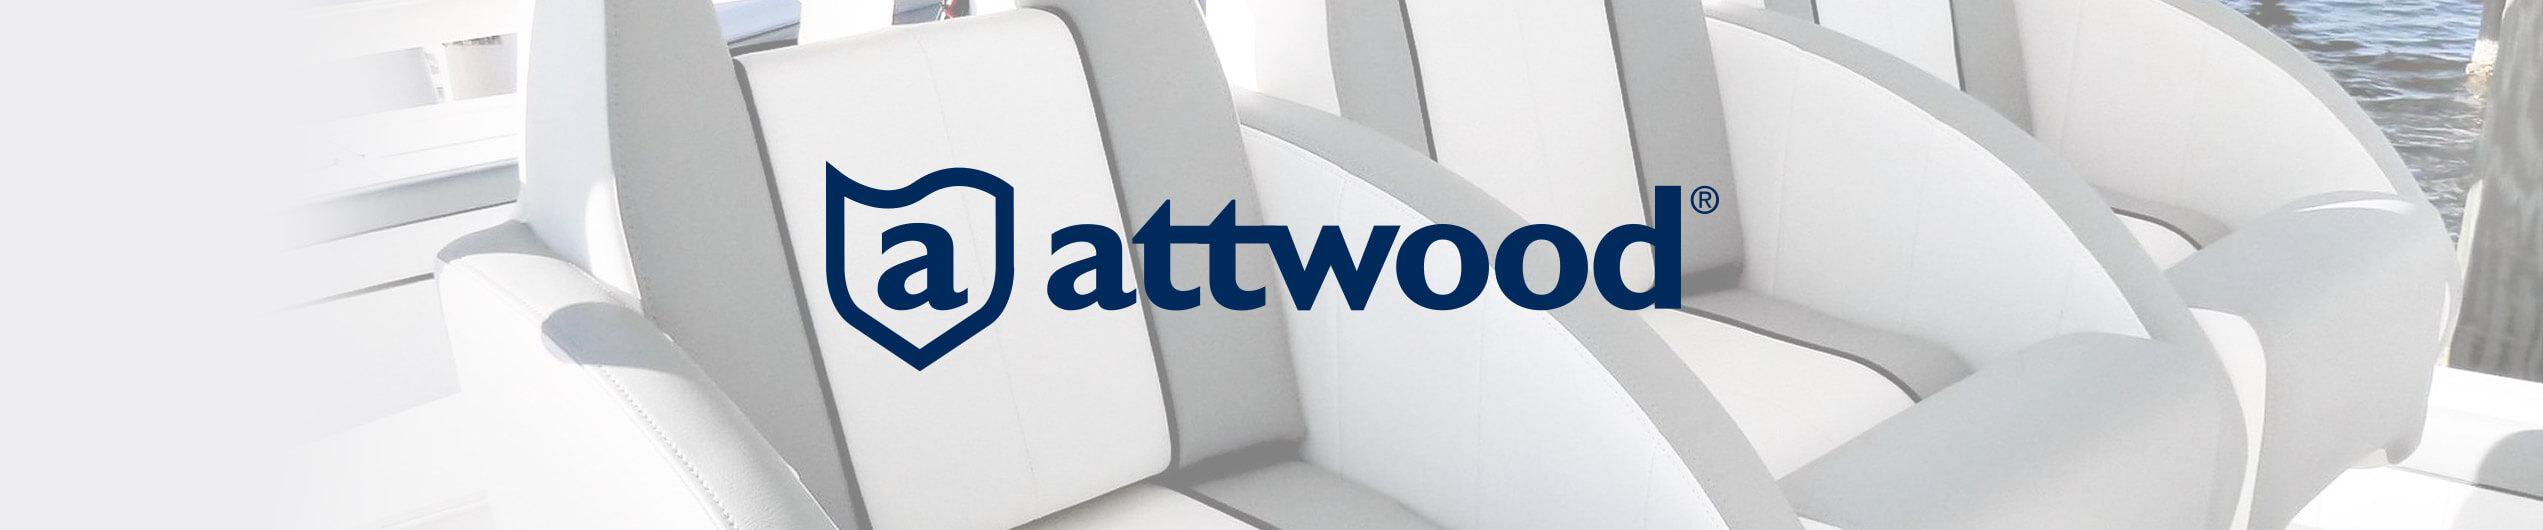 attwood header